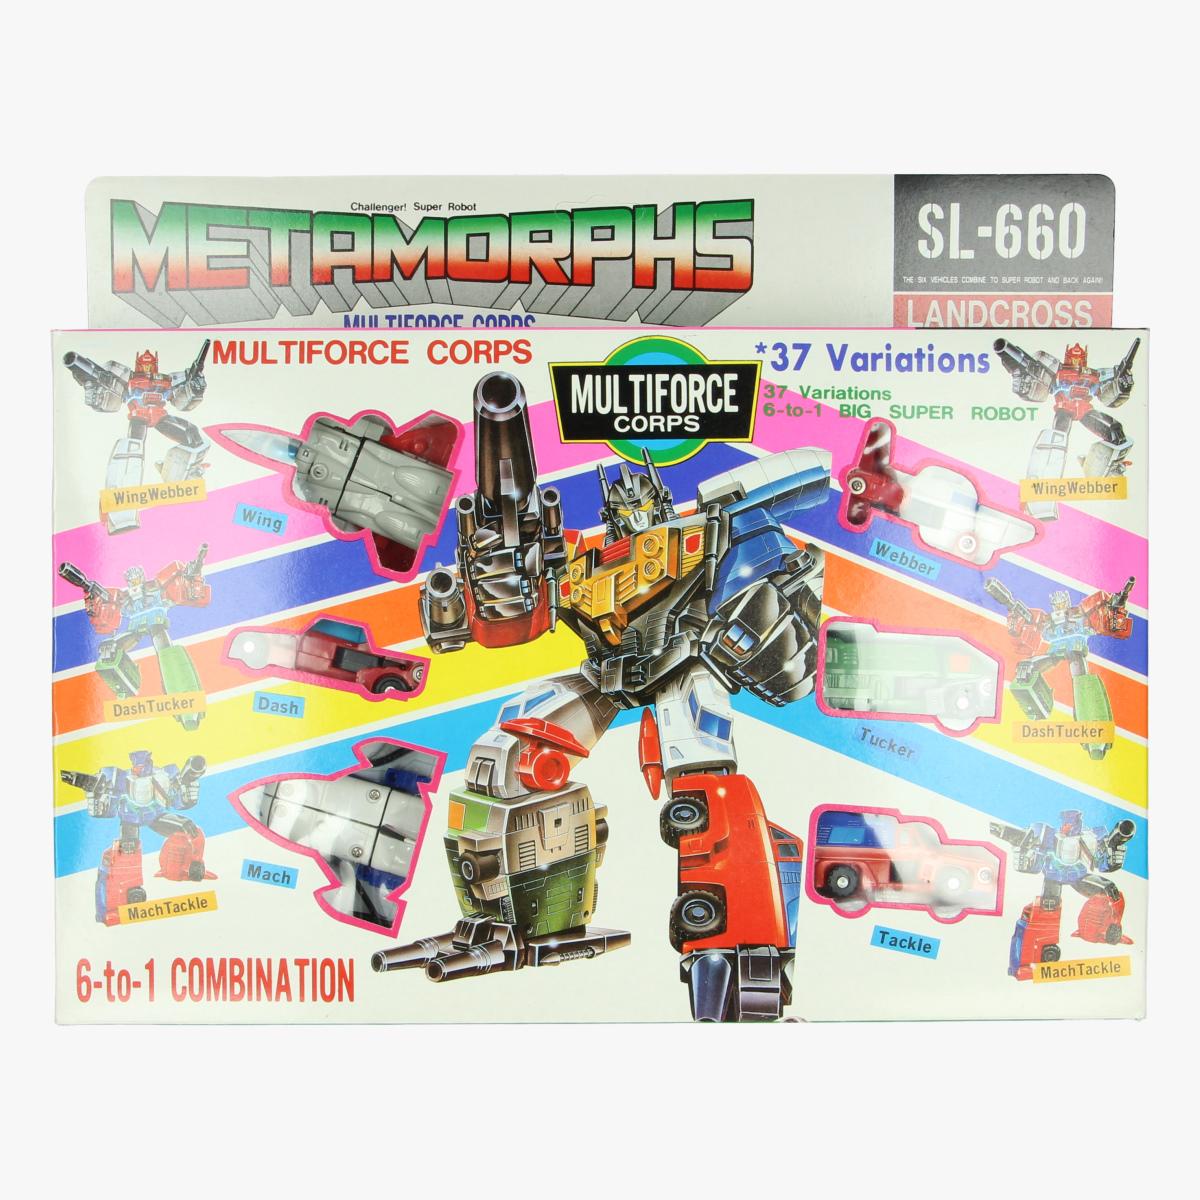 Afbeeldingen van metamorphs multiforce corps